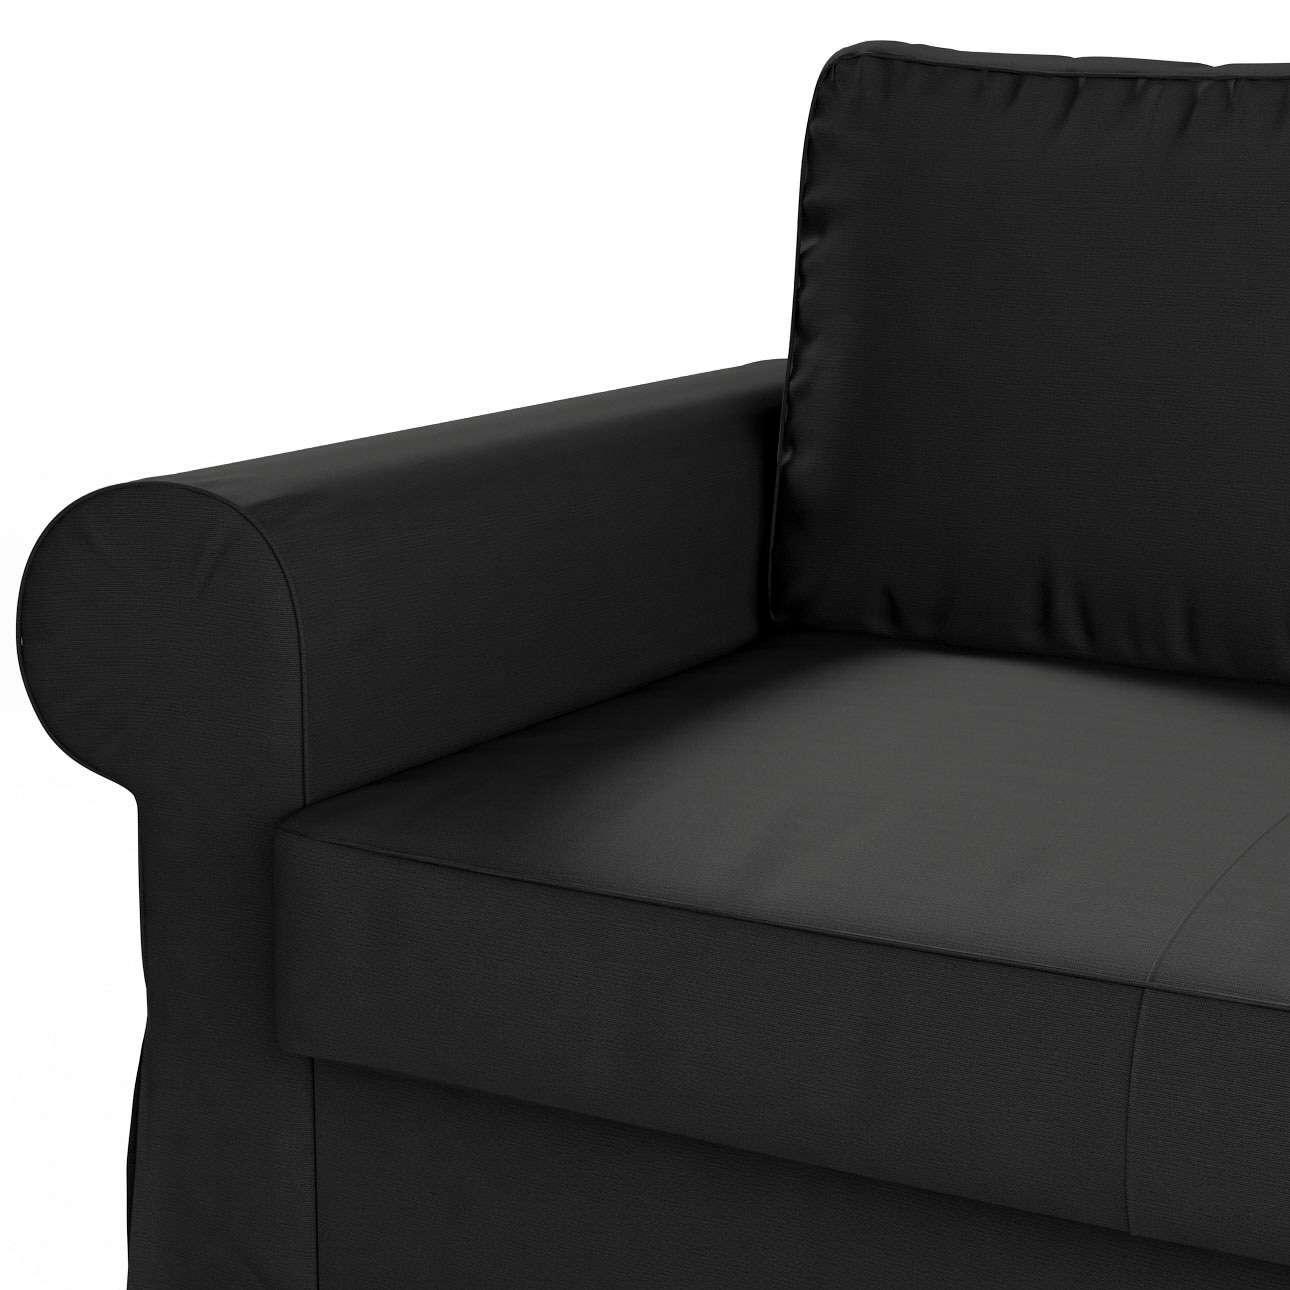 Bezug für Backabro 2-Sitzer Sofa ausklappbar von der Kollektion Cotton Panama, Stoff: 702-08